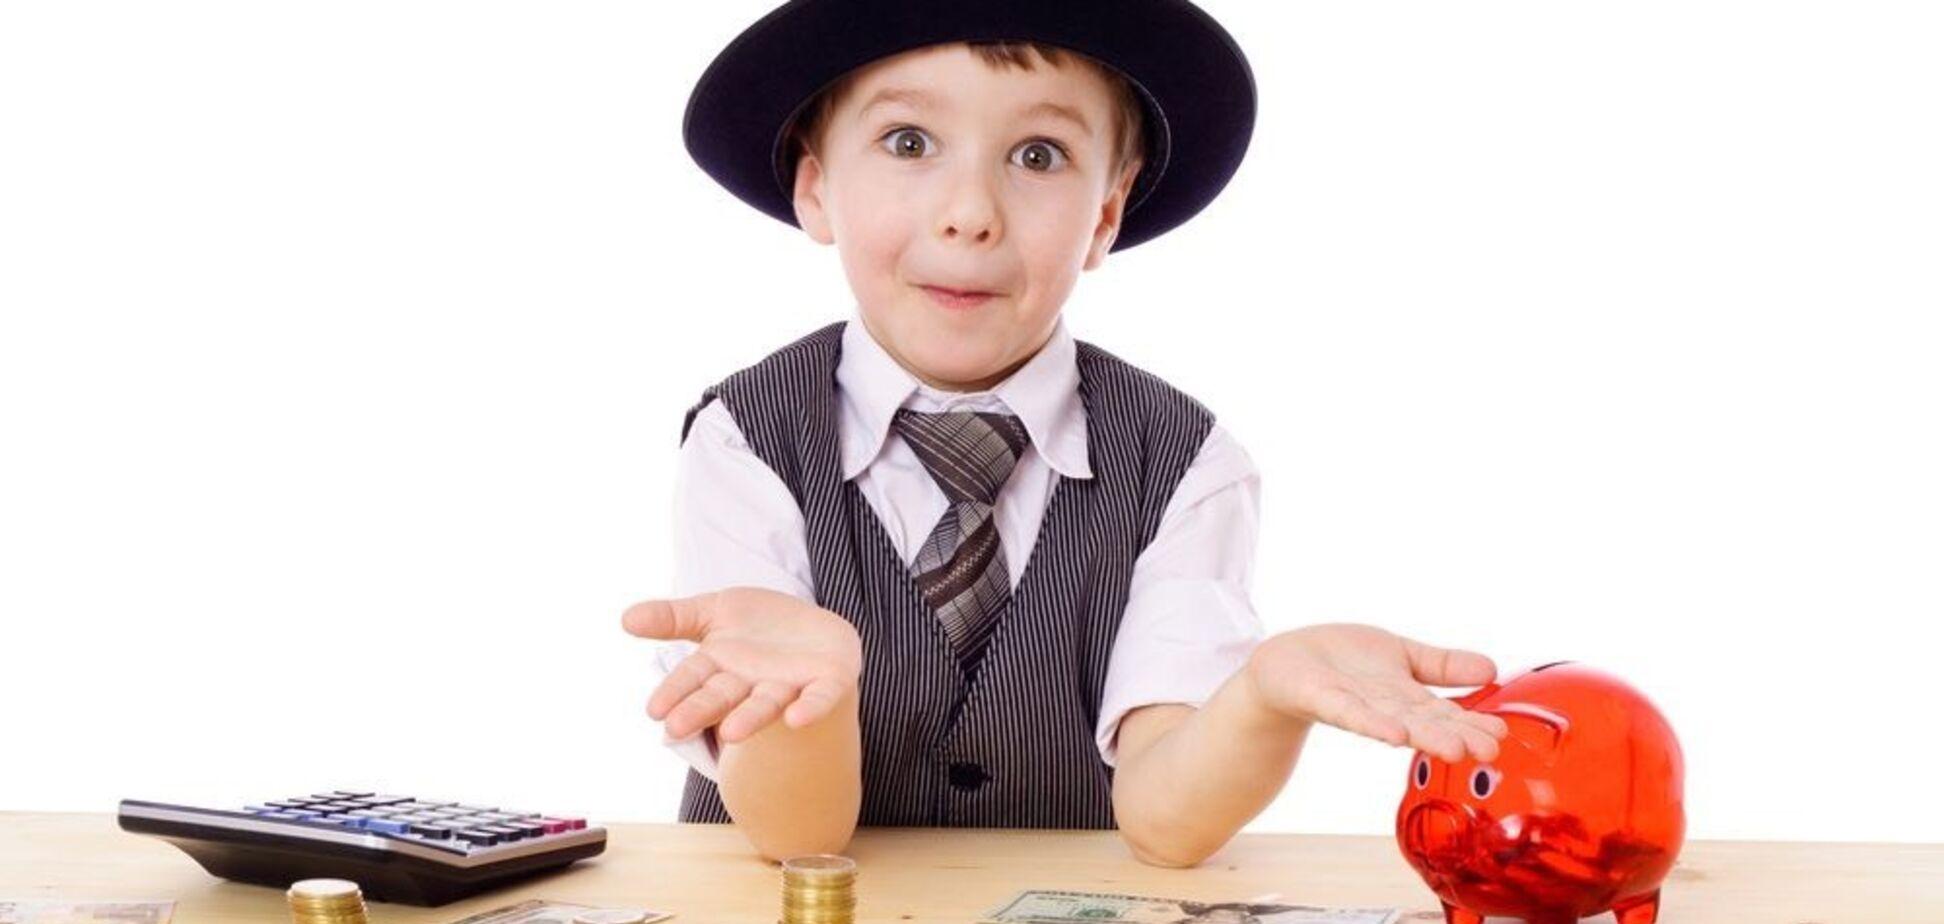 Как разбогатеть? Научите детей обращаться с деньгами